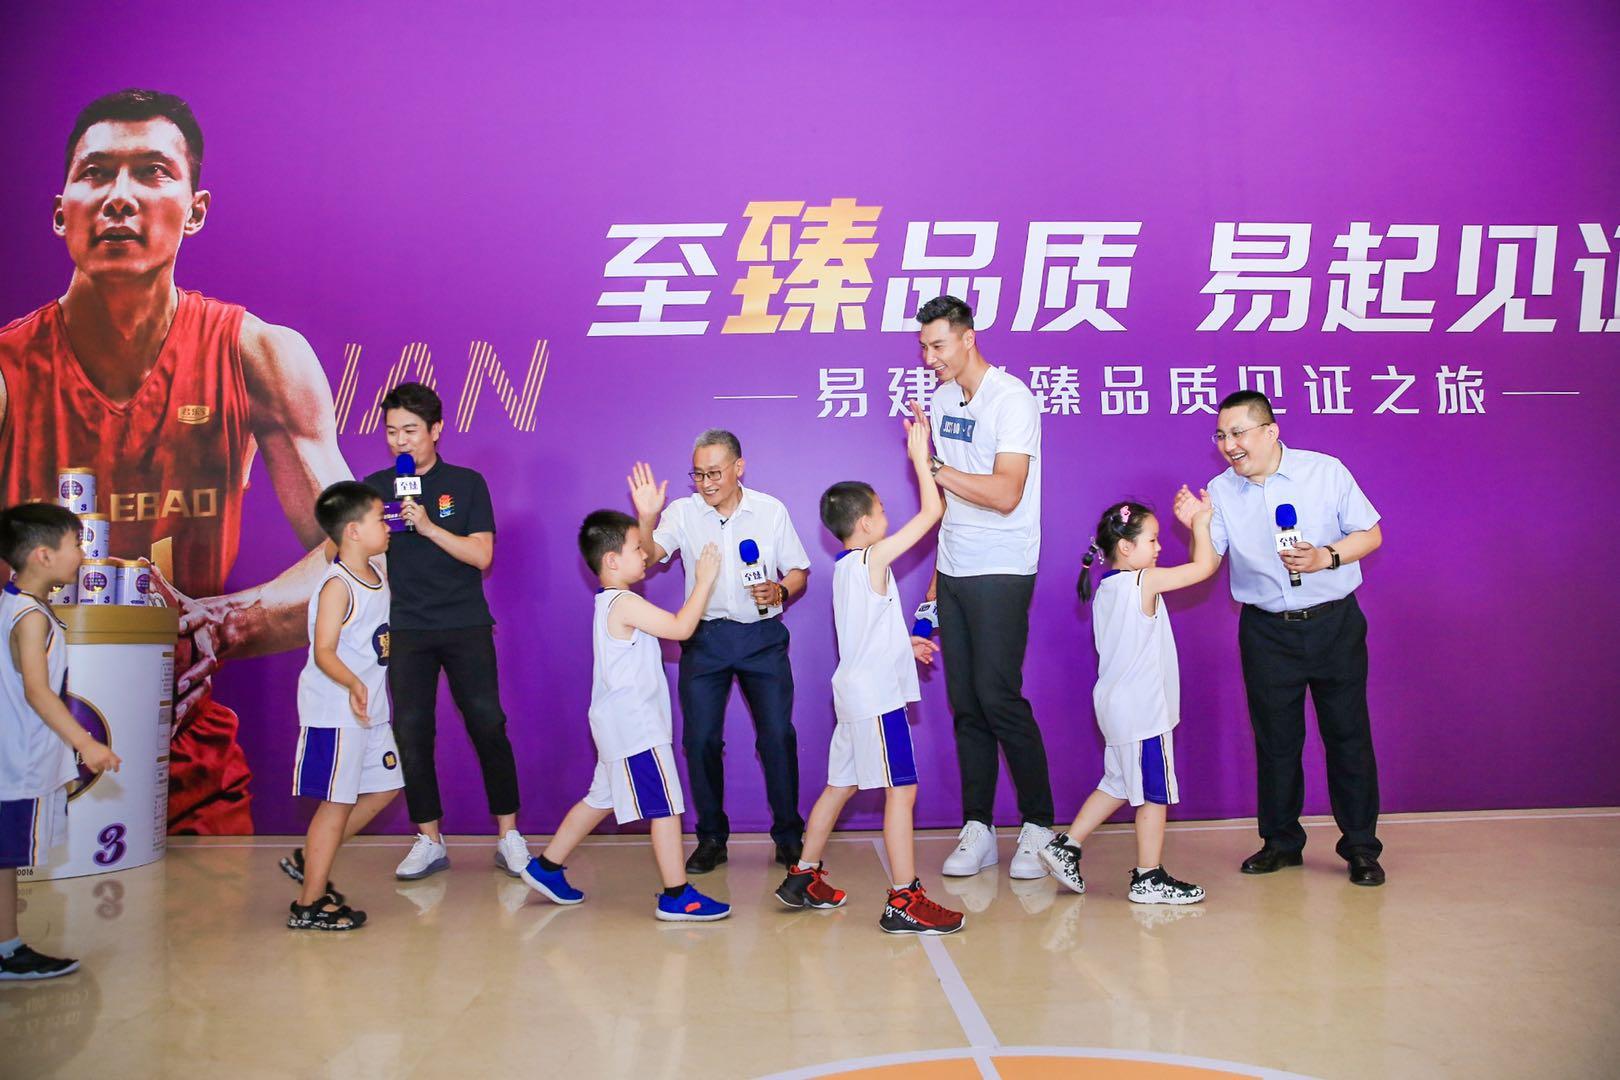 http://www.bvwet.club/shehuiwanxiang/123085.html